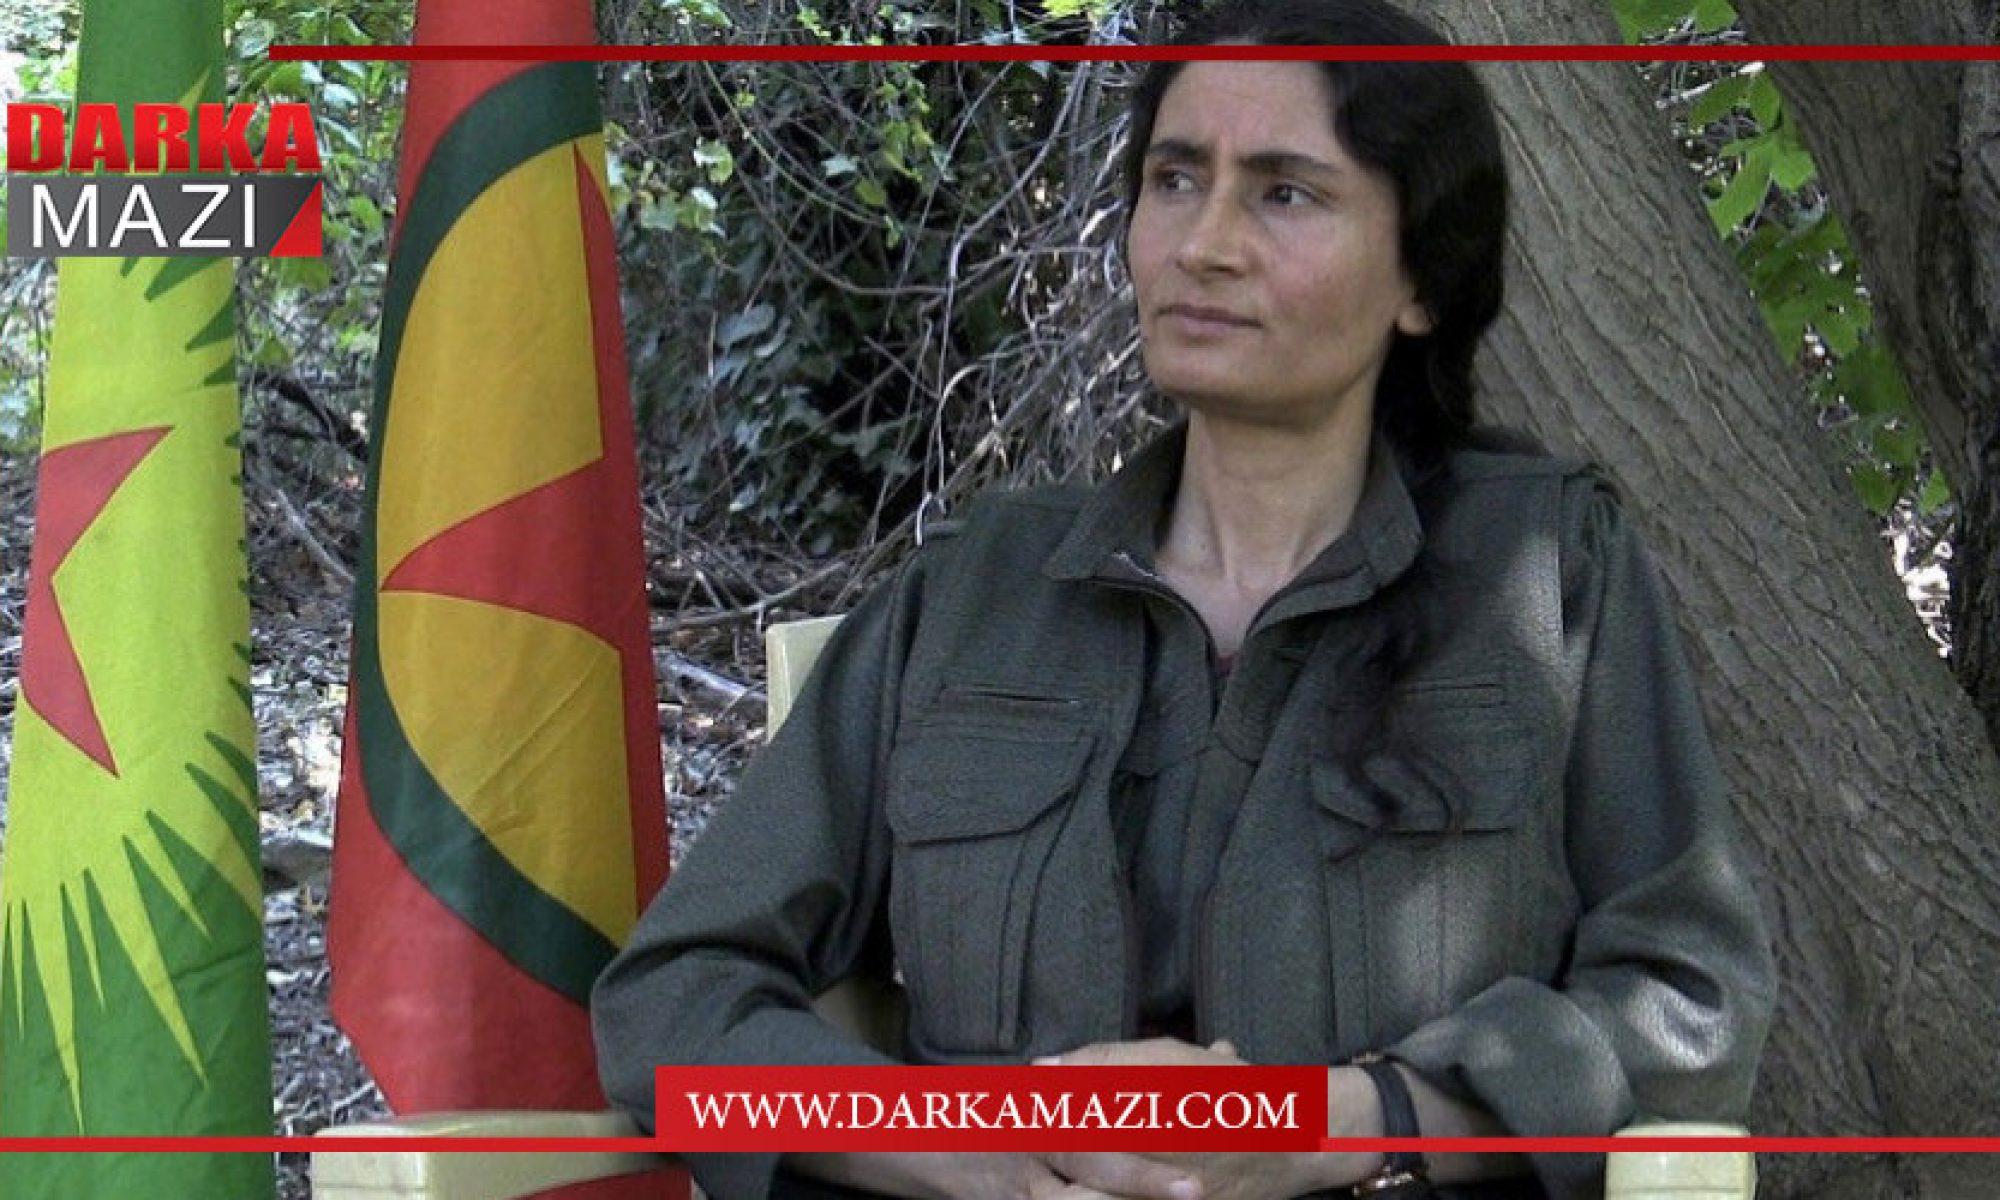 AKP'lileşen PKK, Erkekleşen Kadınlar ve Bese Hozat